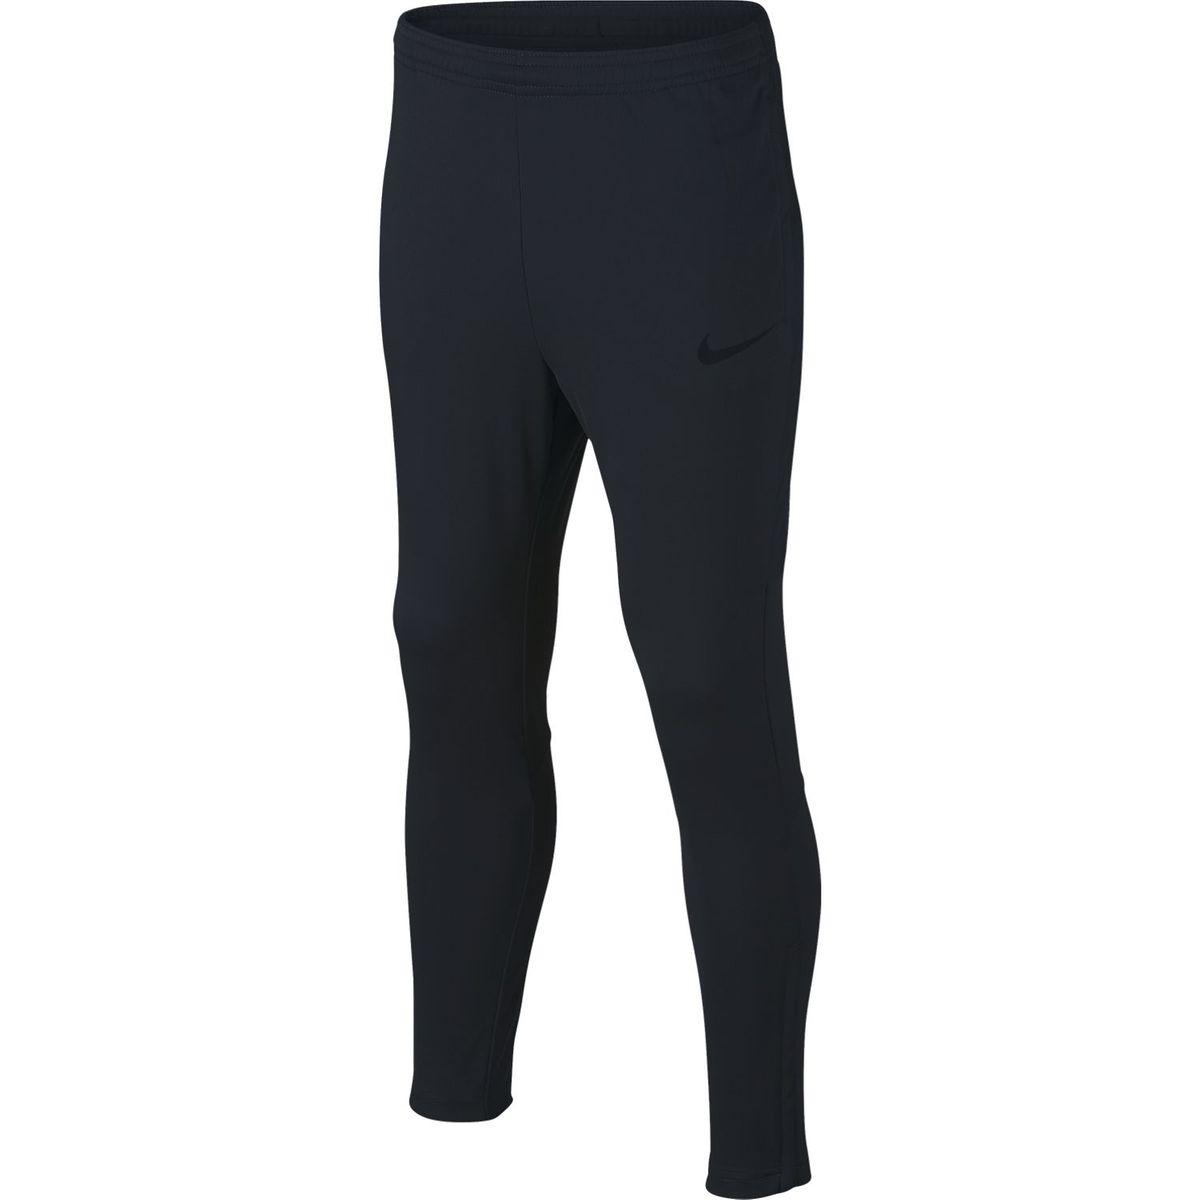 Pantalon Nike Academy Kpz